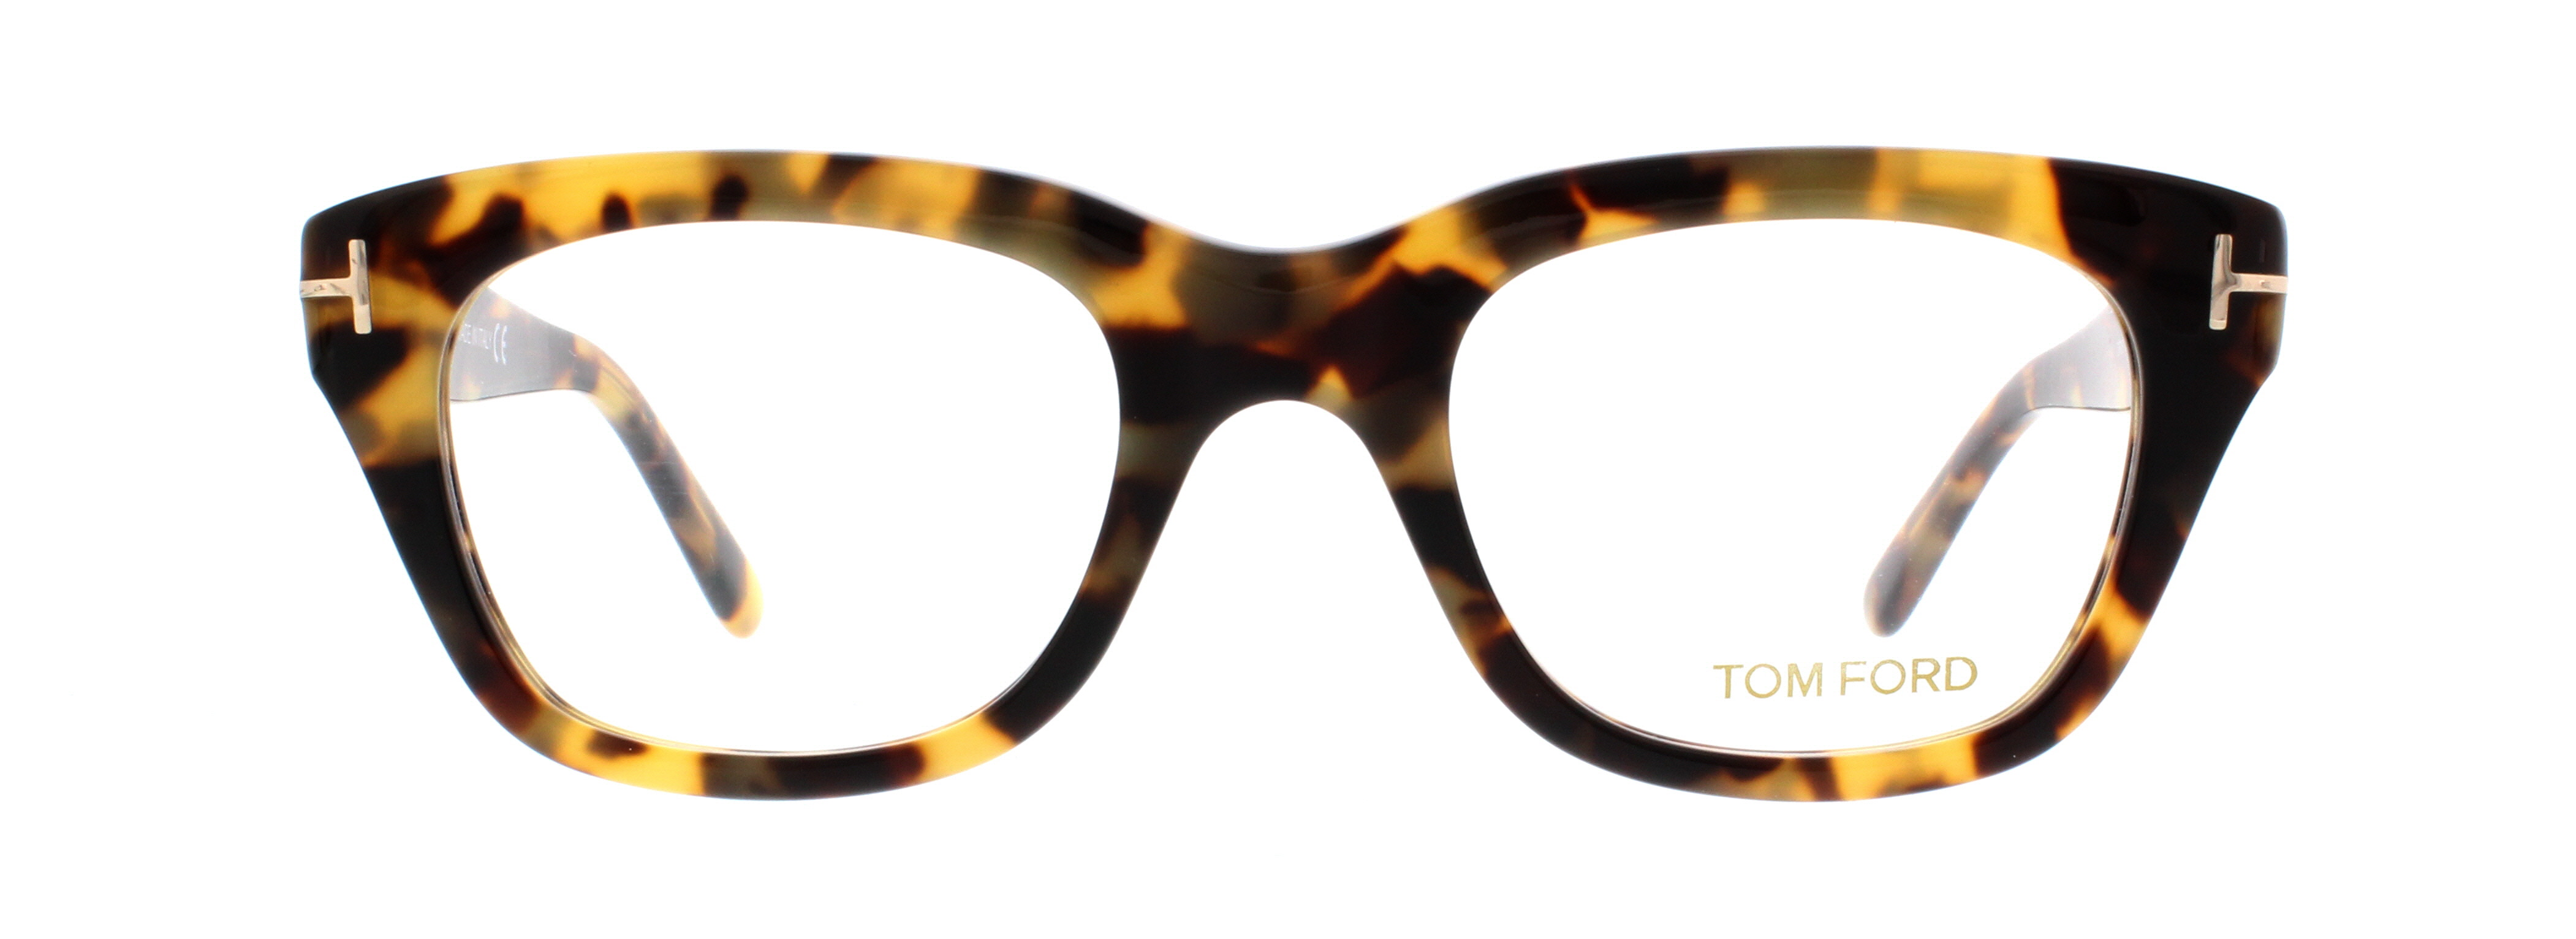 07eab9d10fb TOM FORD Eyeglasses FT5178 055 Coloured Havana 50MM 3 3 of 8 ...